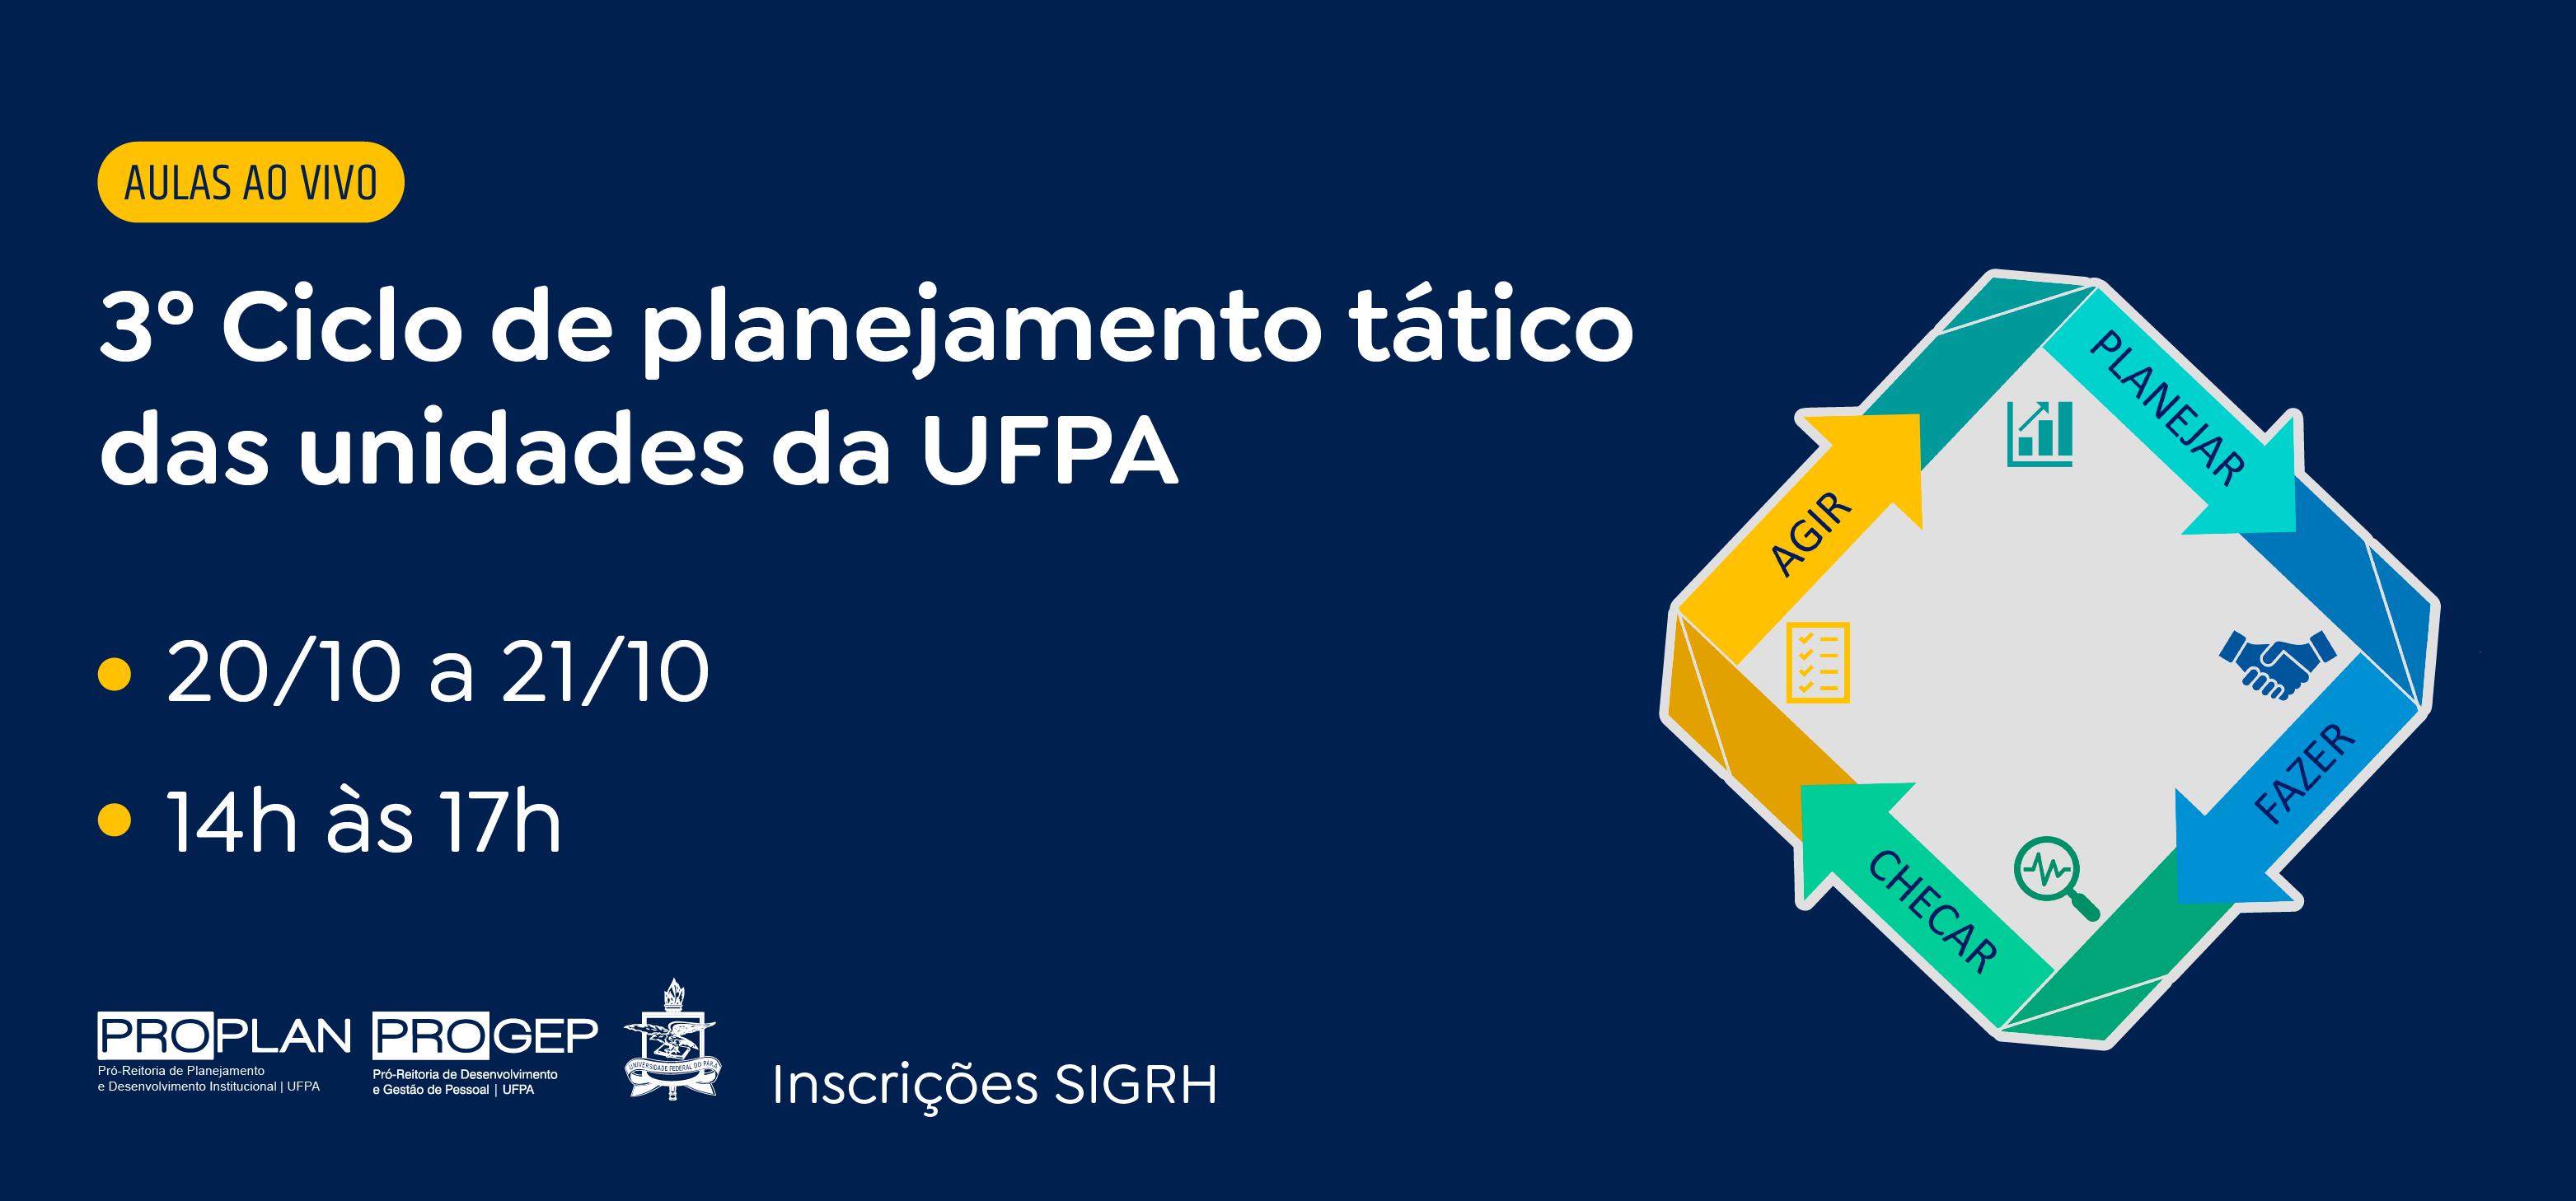 Curso sobre o 3º ciclo de planejamento tático das unidades da UFPA recebe inscrições